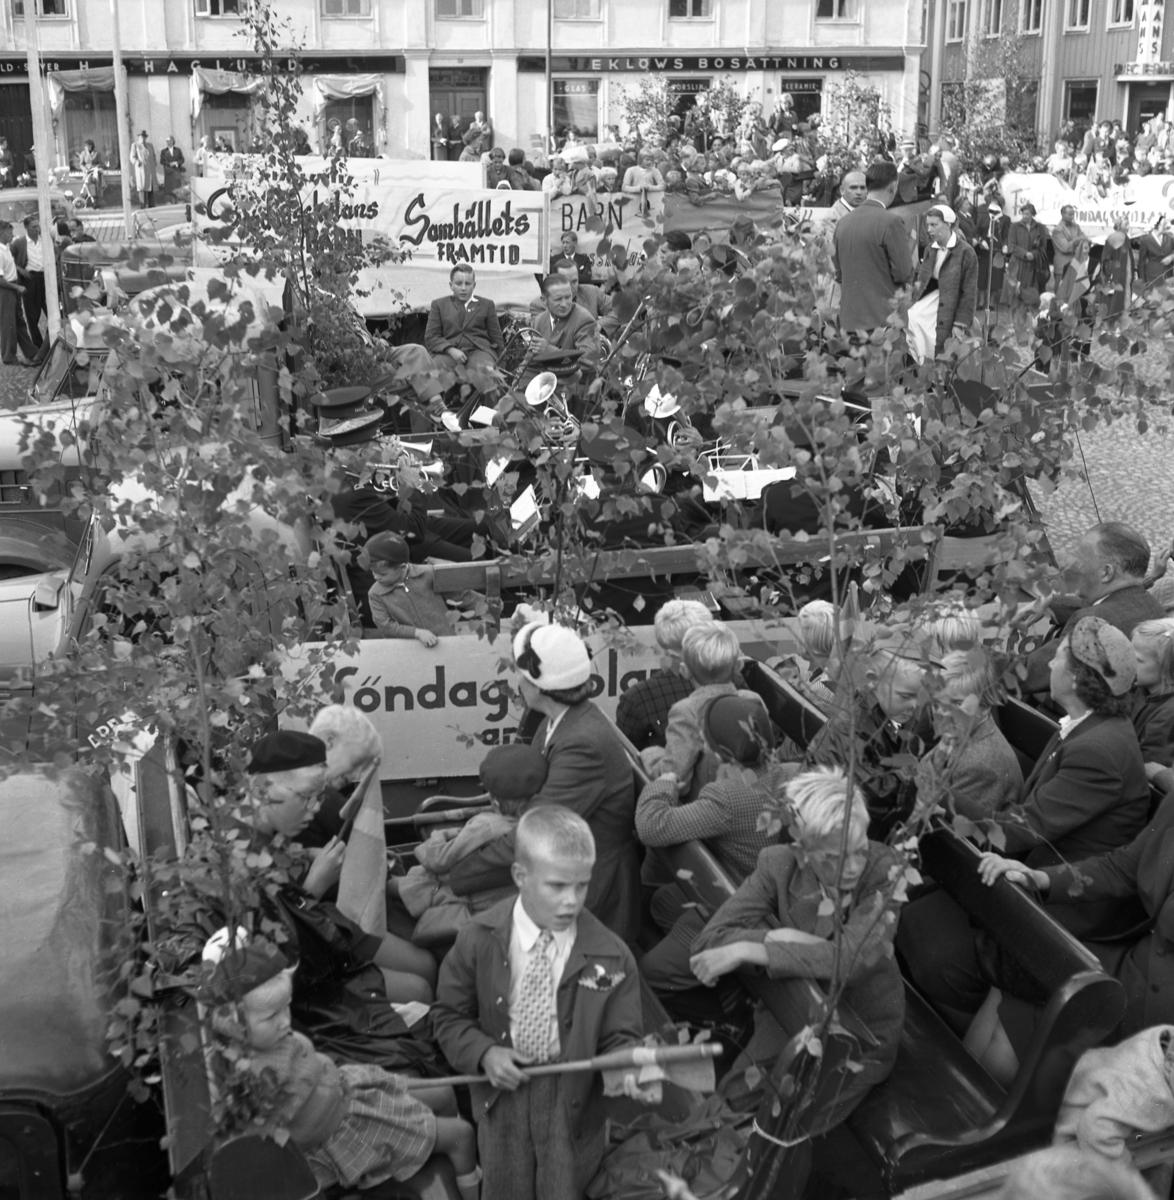 Söndagsskolans Dag firas. Flera lastbilar, med lövade flak, står uppställda på Stora torget. På flaken sitter barn men två lastbilar transporterar var sin blåsorkester. I bakgrunden ses butikerna Haglund och Eklöws Bosättning.